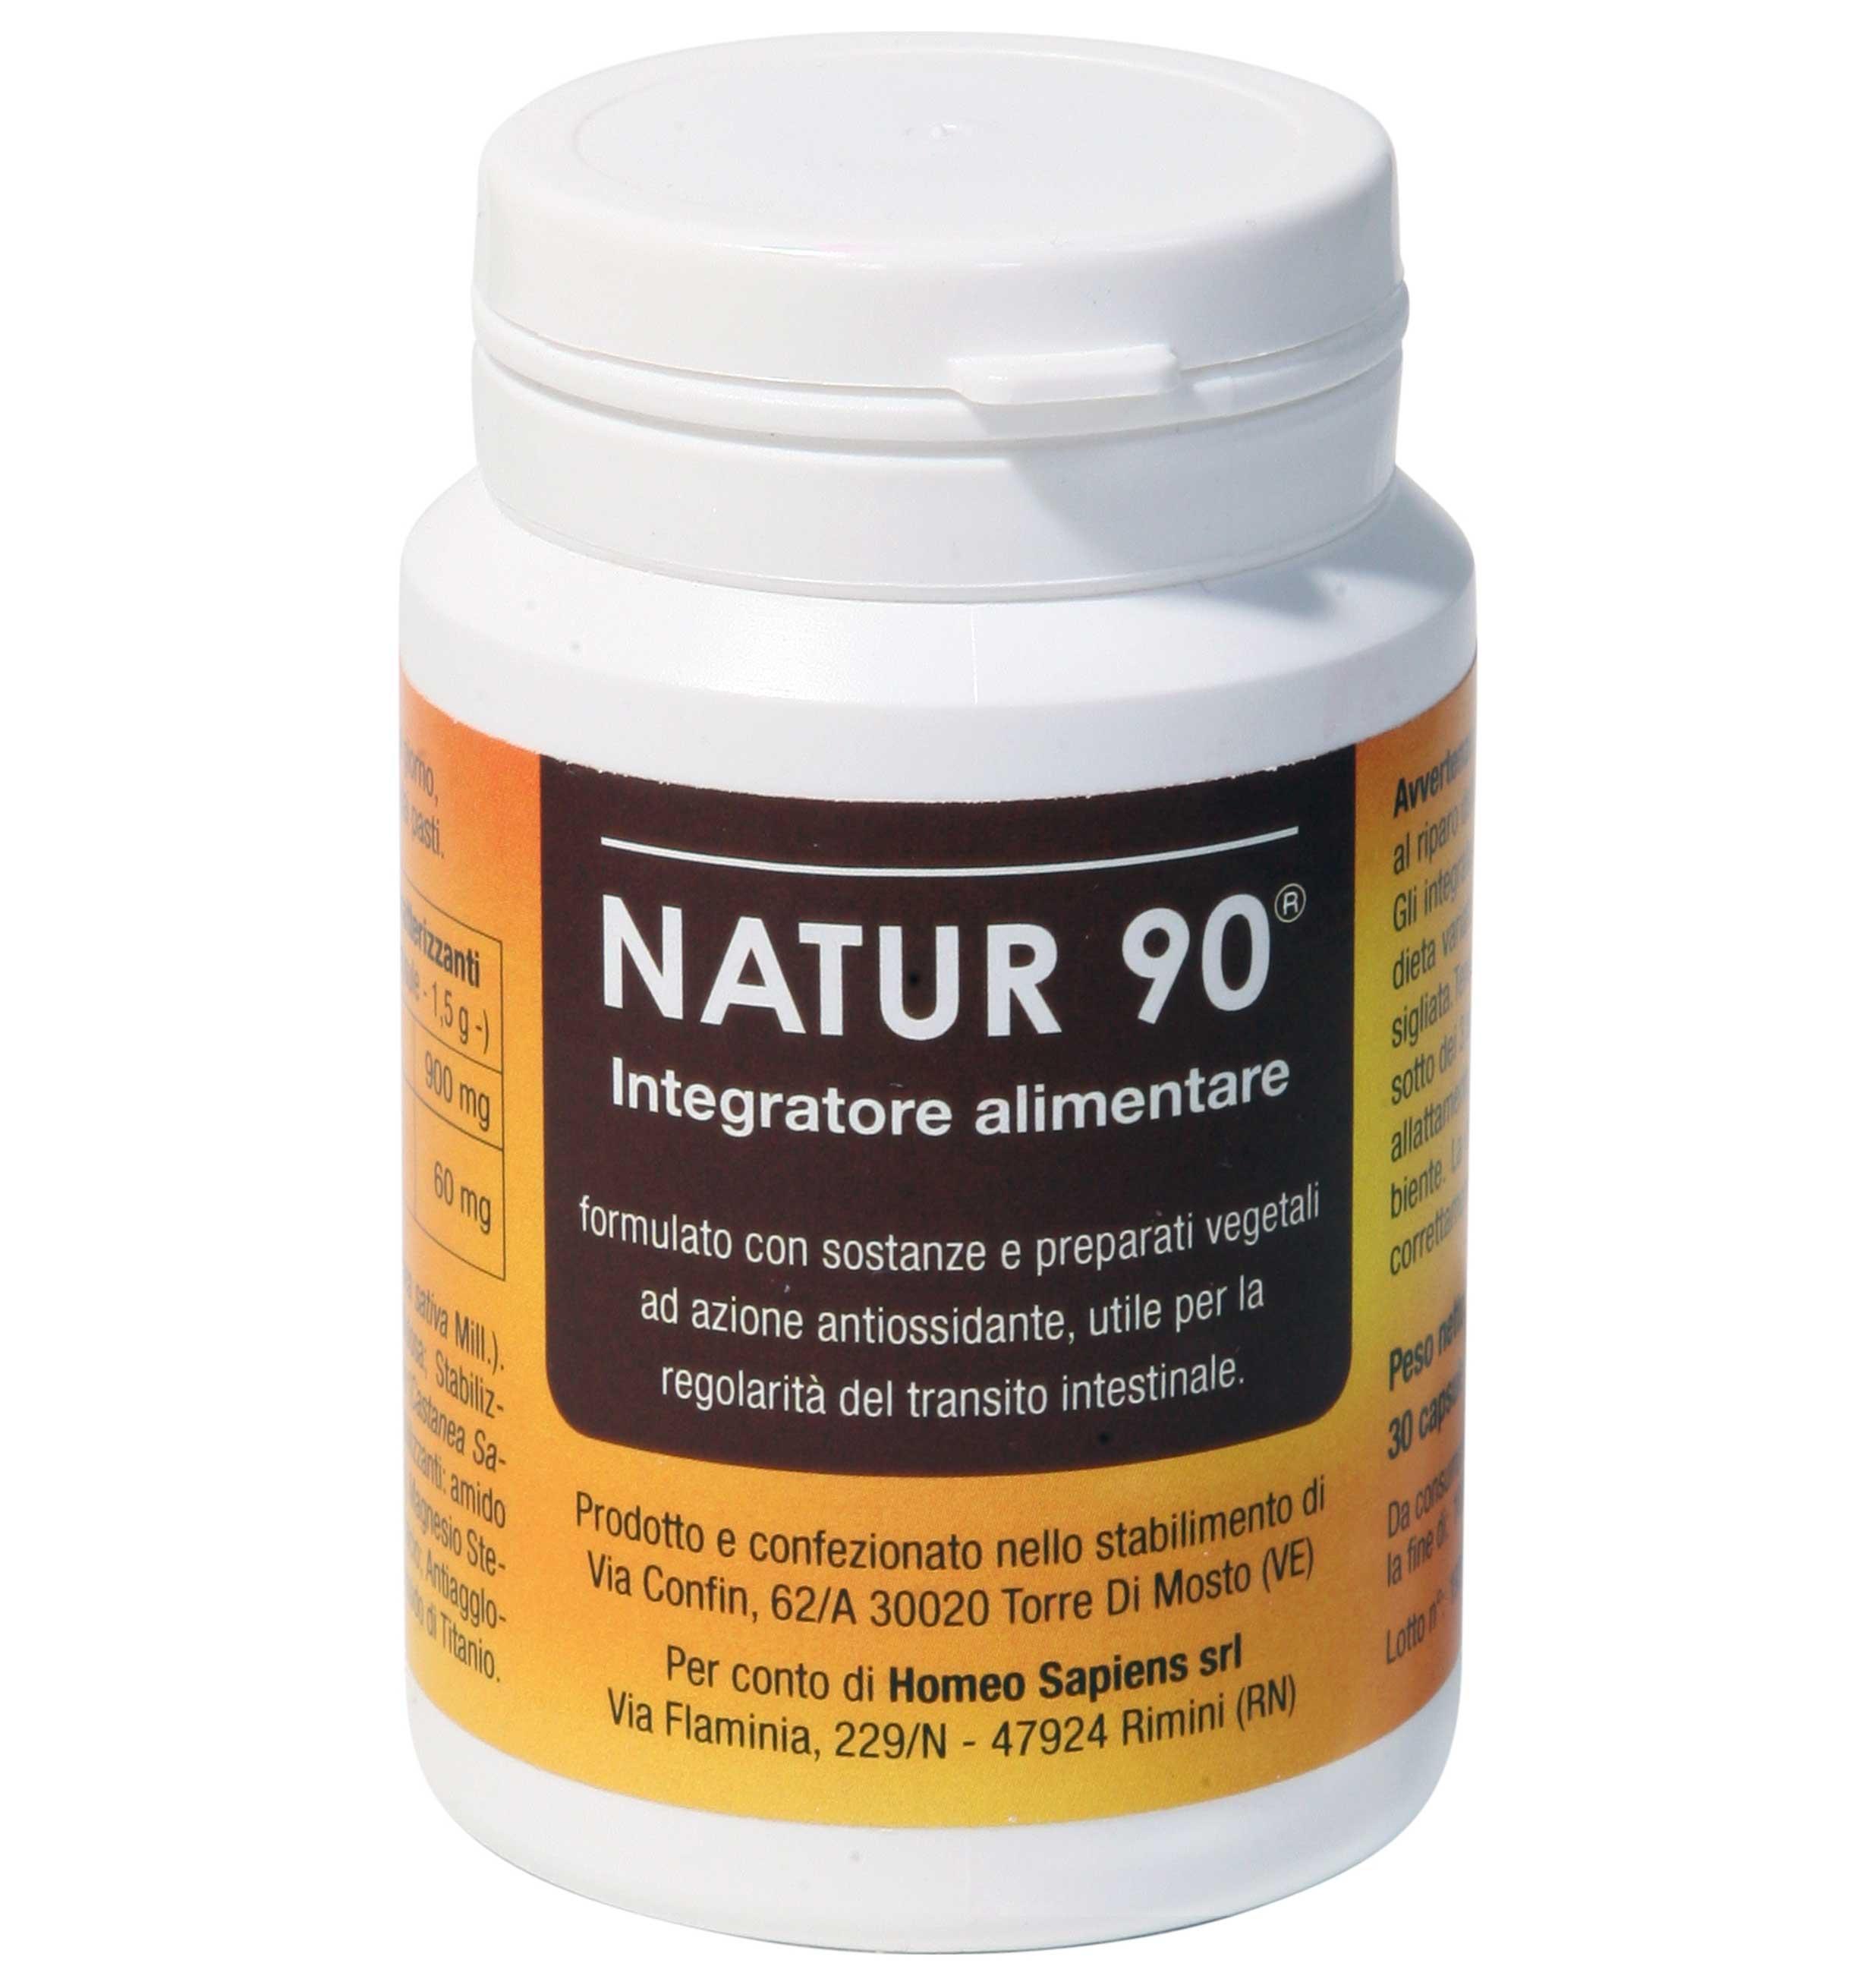 natur 90